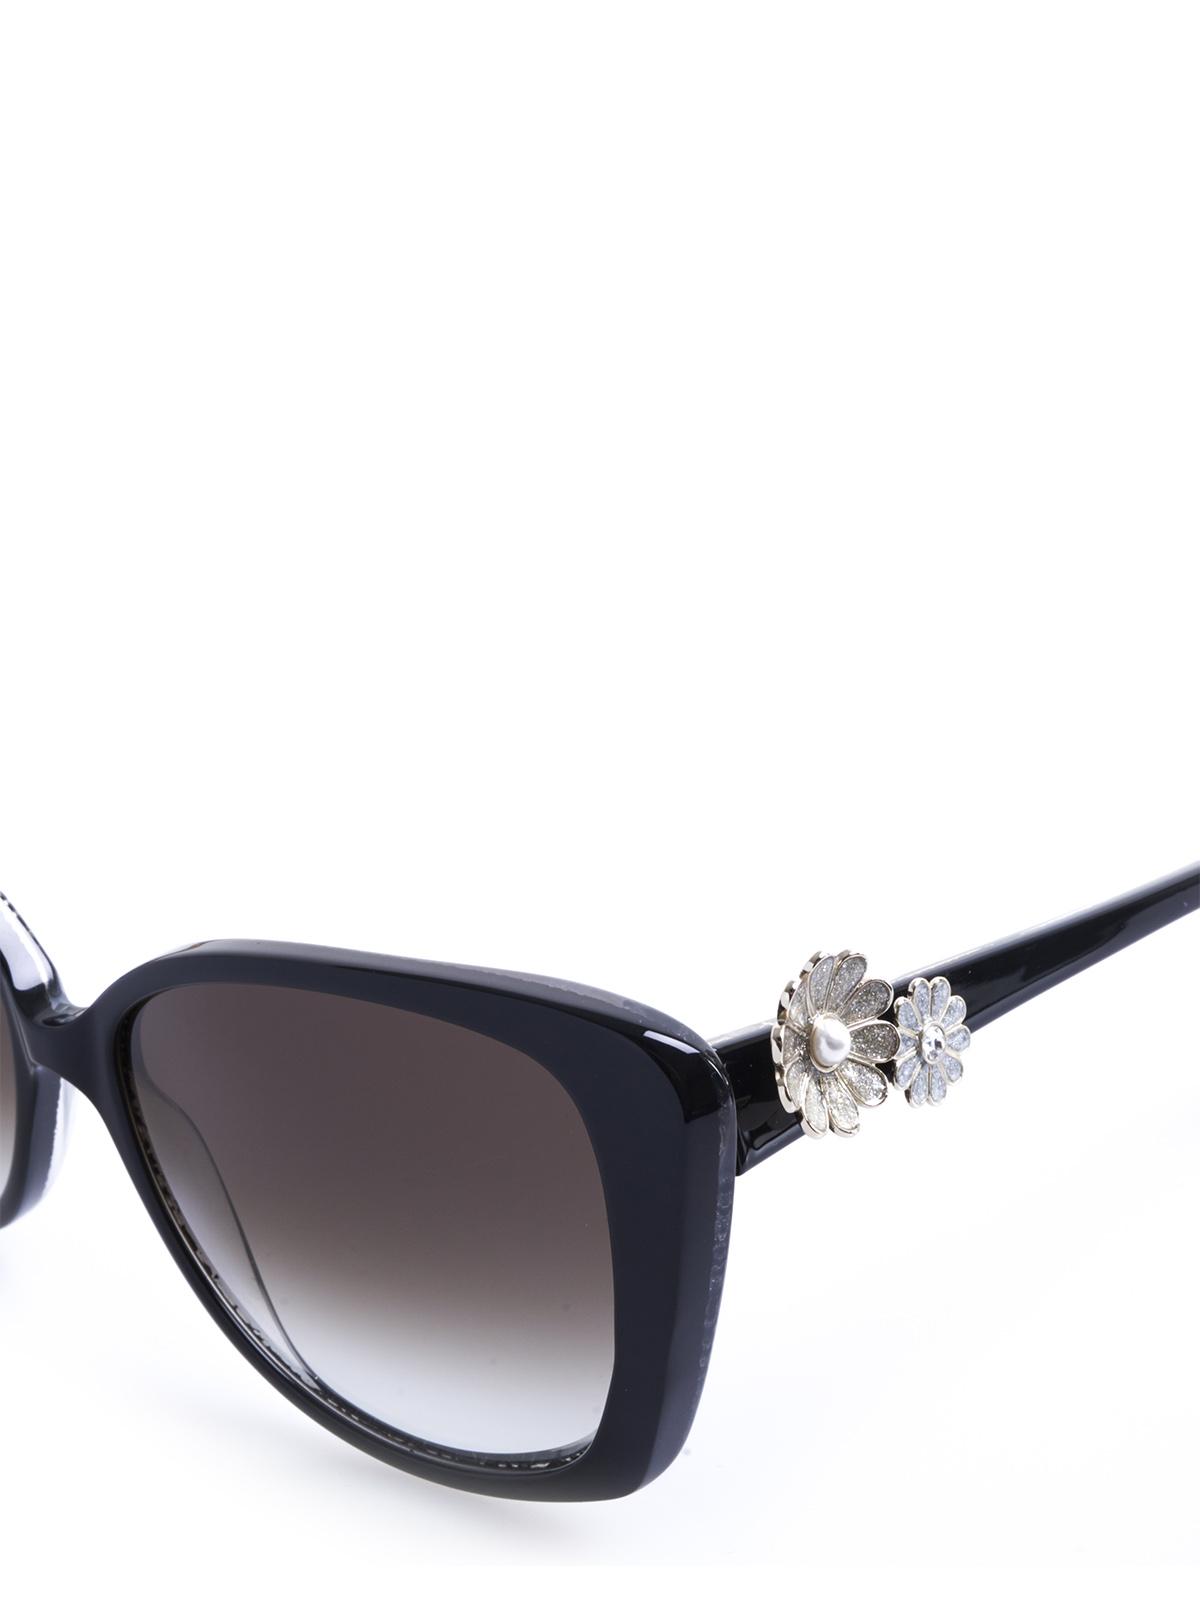 marc jacobs sonnenbrille mj 347 s schwarz kunststoff ebay. Black Bedroom Furniture Sets. Home Design Ideas